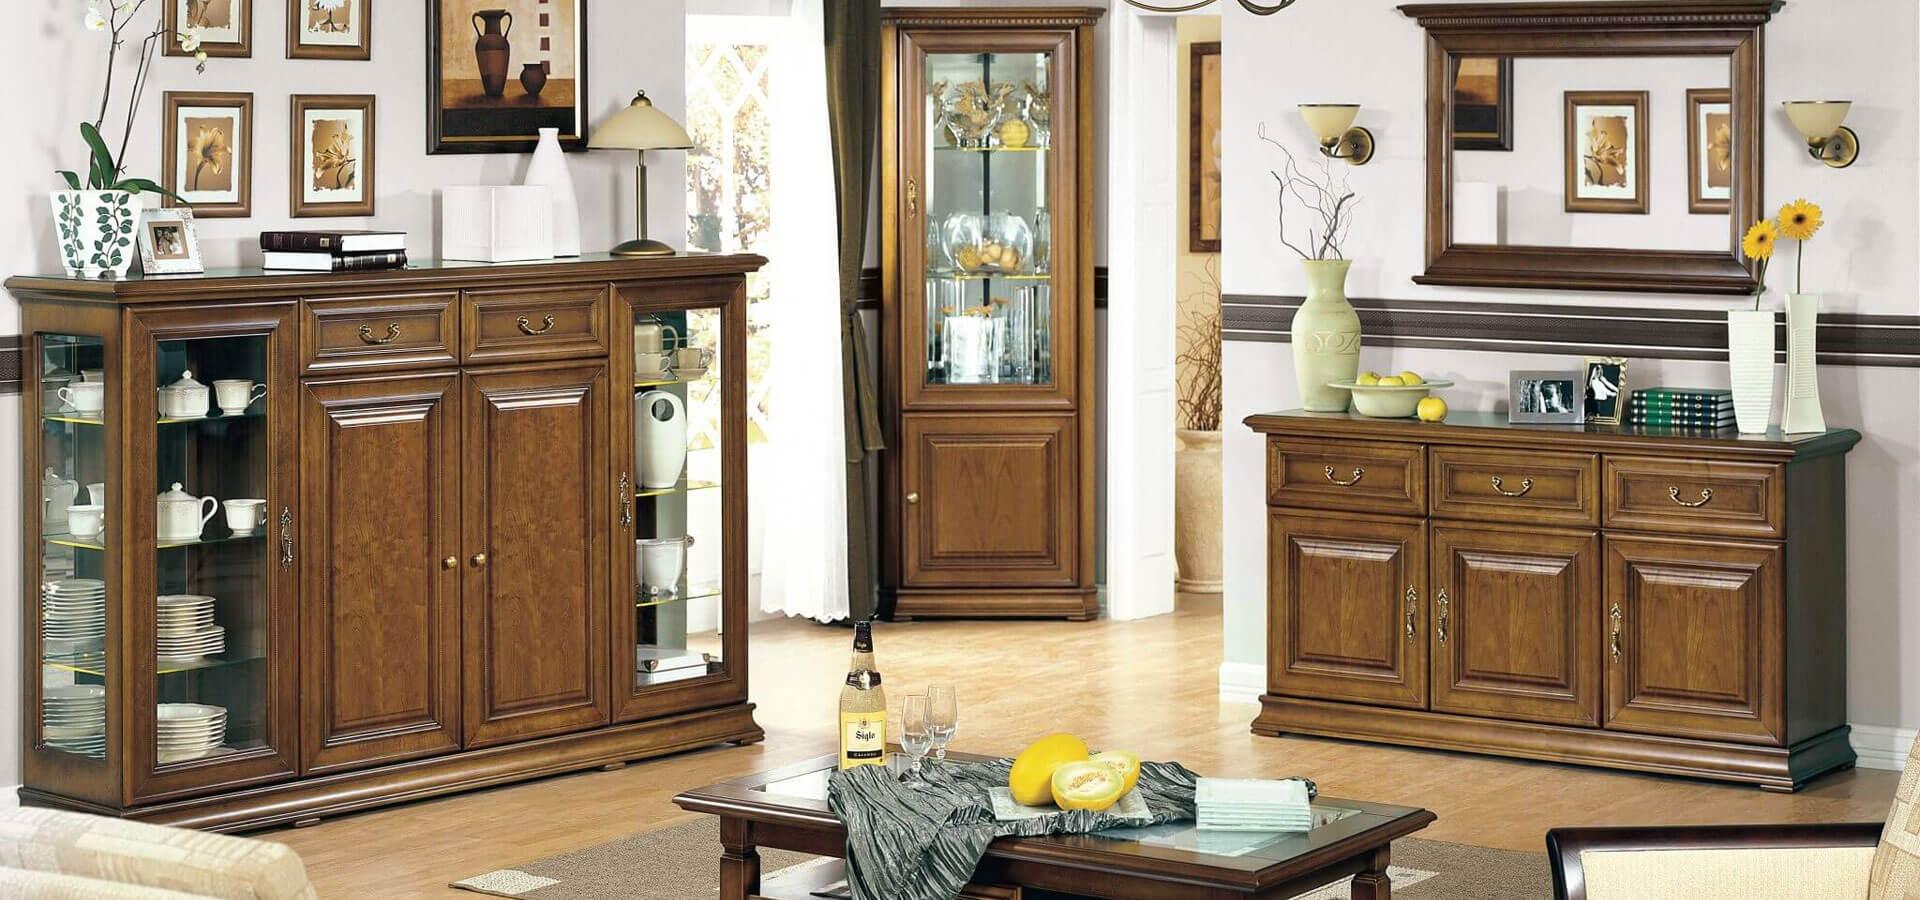 Скринове от масивно дърво - дървени мебели по поръчка